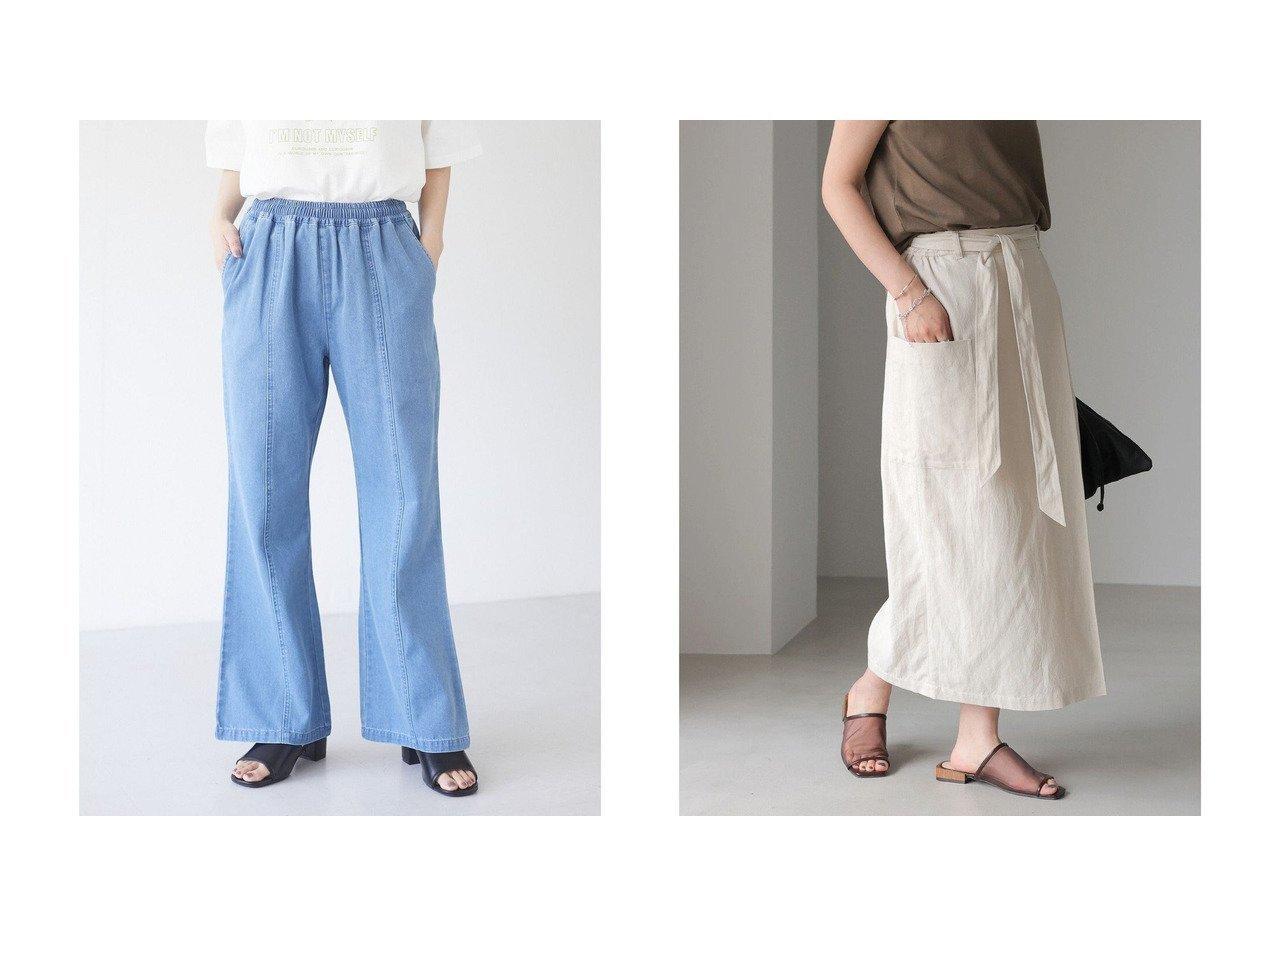 【Green Parks/グリーンパークス】のストレートデニムパンツ&【AMERICAN HOLIC/アメリカンホリック】のラップ風タイトスカート 【プチプライス・低価格】おすすめ!人気、トレンド・レディースファッションの通販 おすすめで人気の流行・トレンド、ファッションの通販商品 インテリア・家具・メンズファッション・キッズファッション・レディースファッション・服の通販 founy(ファニー) https://founy.com/ ファッション Fashion レディースファッション WOMEN スカート Skirt パンツ Pants デニムパンツ Denim Pants 送料無料 Free Shipping おすすめ Recommend スキッパー スタイリッシュ トレンド ラップ ガーリー ストレート デニム  ID:crp329100000055538